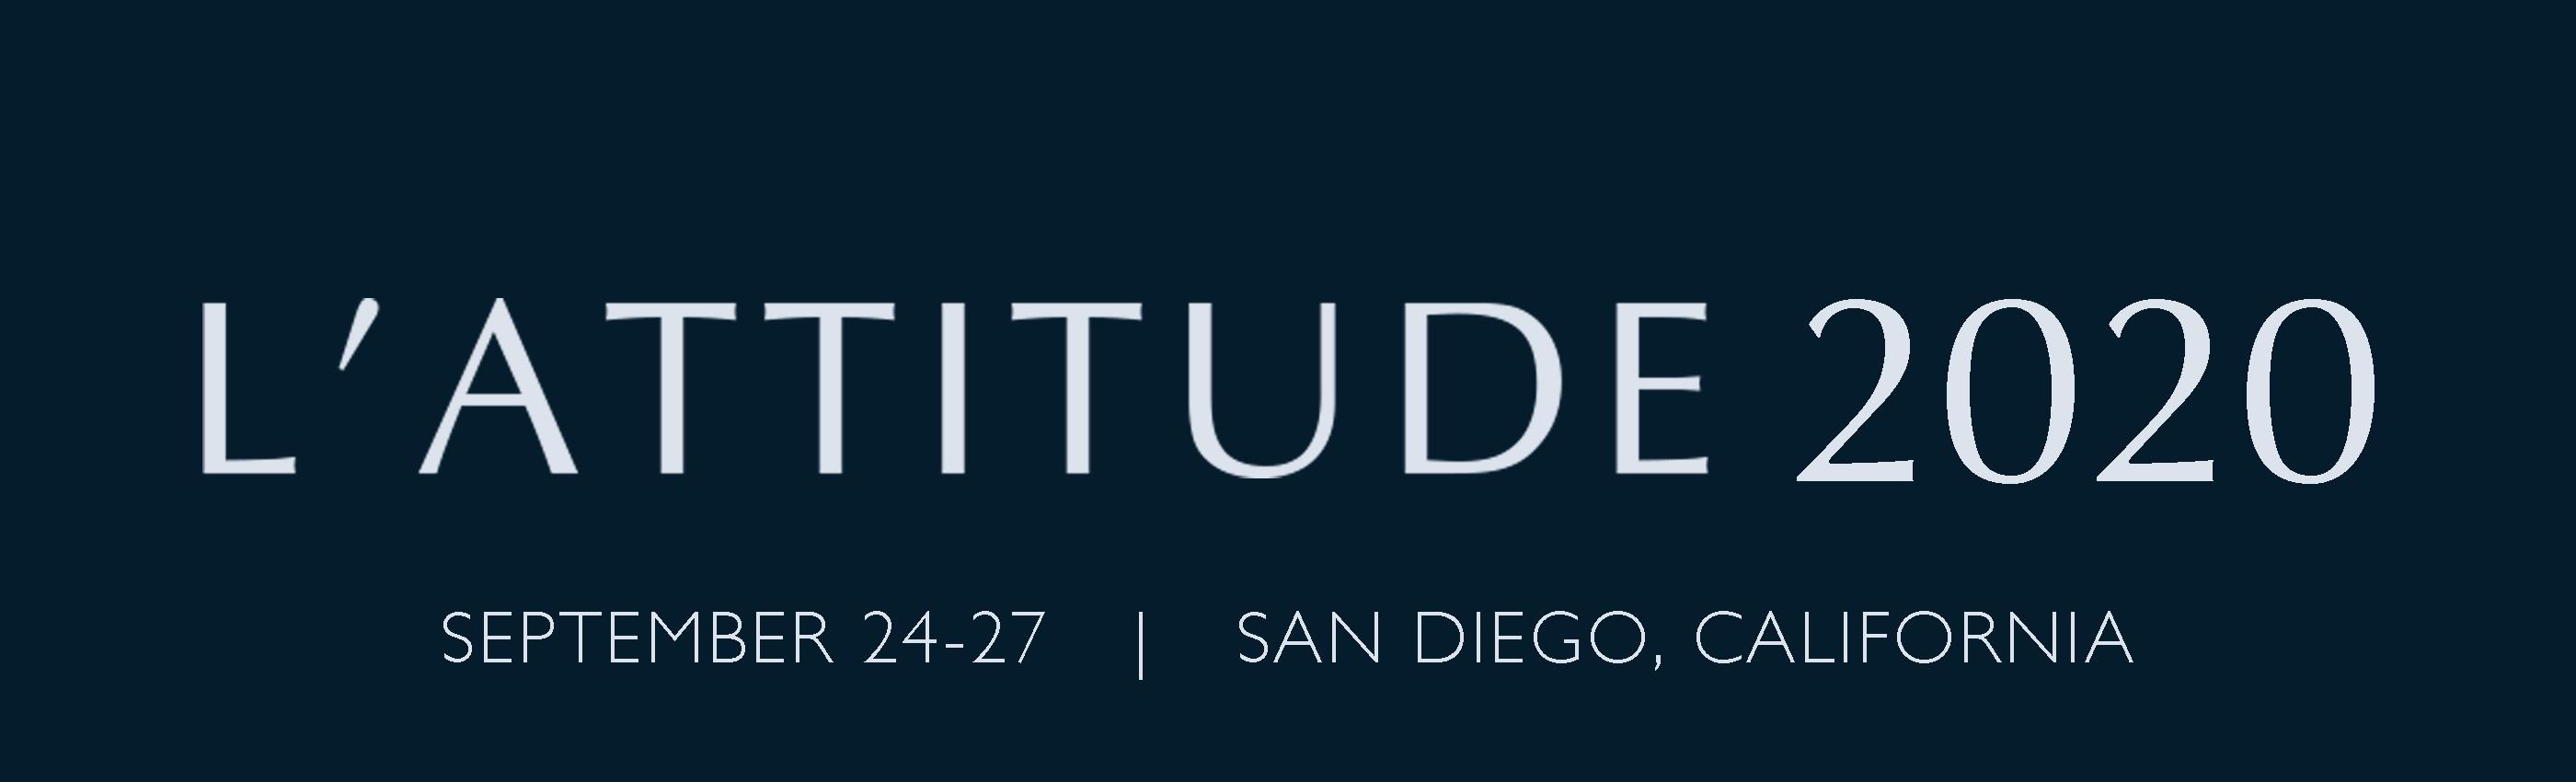 L'ATTITUDE | LinkedIn